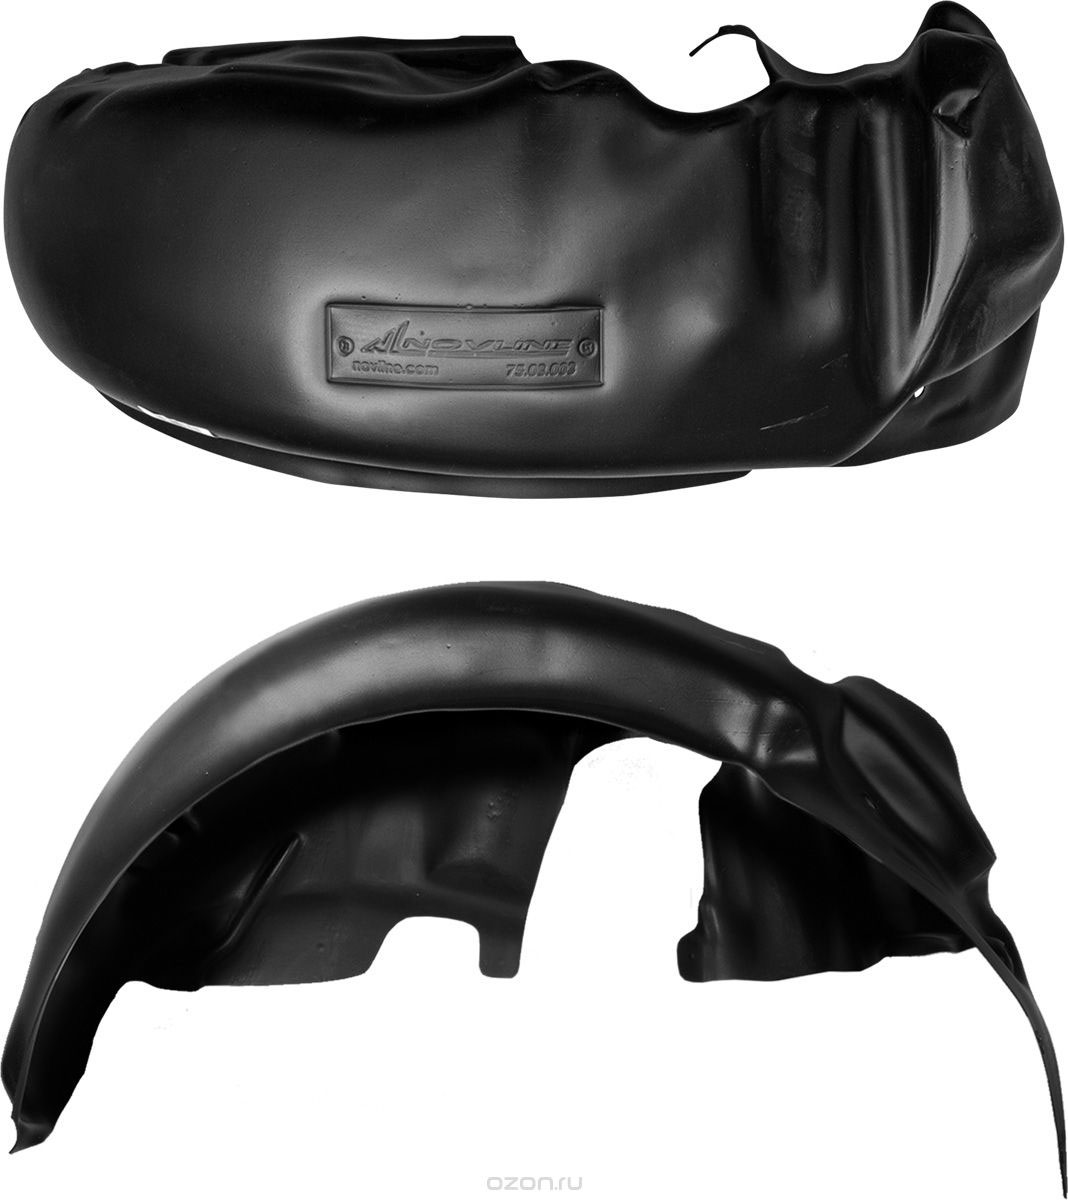 Подкрылок Novline-Autofamily, для Toyota Camry, 2014->, задний левыйNLL.48.60.003Идеальная защита колесной ниши. Локеры разработаны с применением цифровых технологий, гарантируют максимальную повторяемость поверхности арки. Изделия устанавливаются без нарушения лакокрасочного покрытия автомобиля, каждый подкрылок комплектуется крепежом. Уважаемые клиенты, обращаем ваше внимание, что фотографии на подкрылки универсальные и не отражают реальную форму изделия. При этом само изделие идет точно под размер указанного автомобиля.